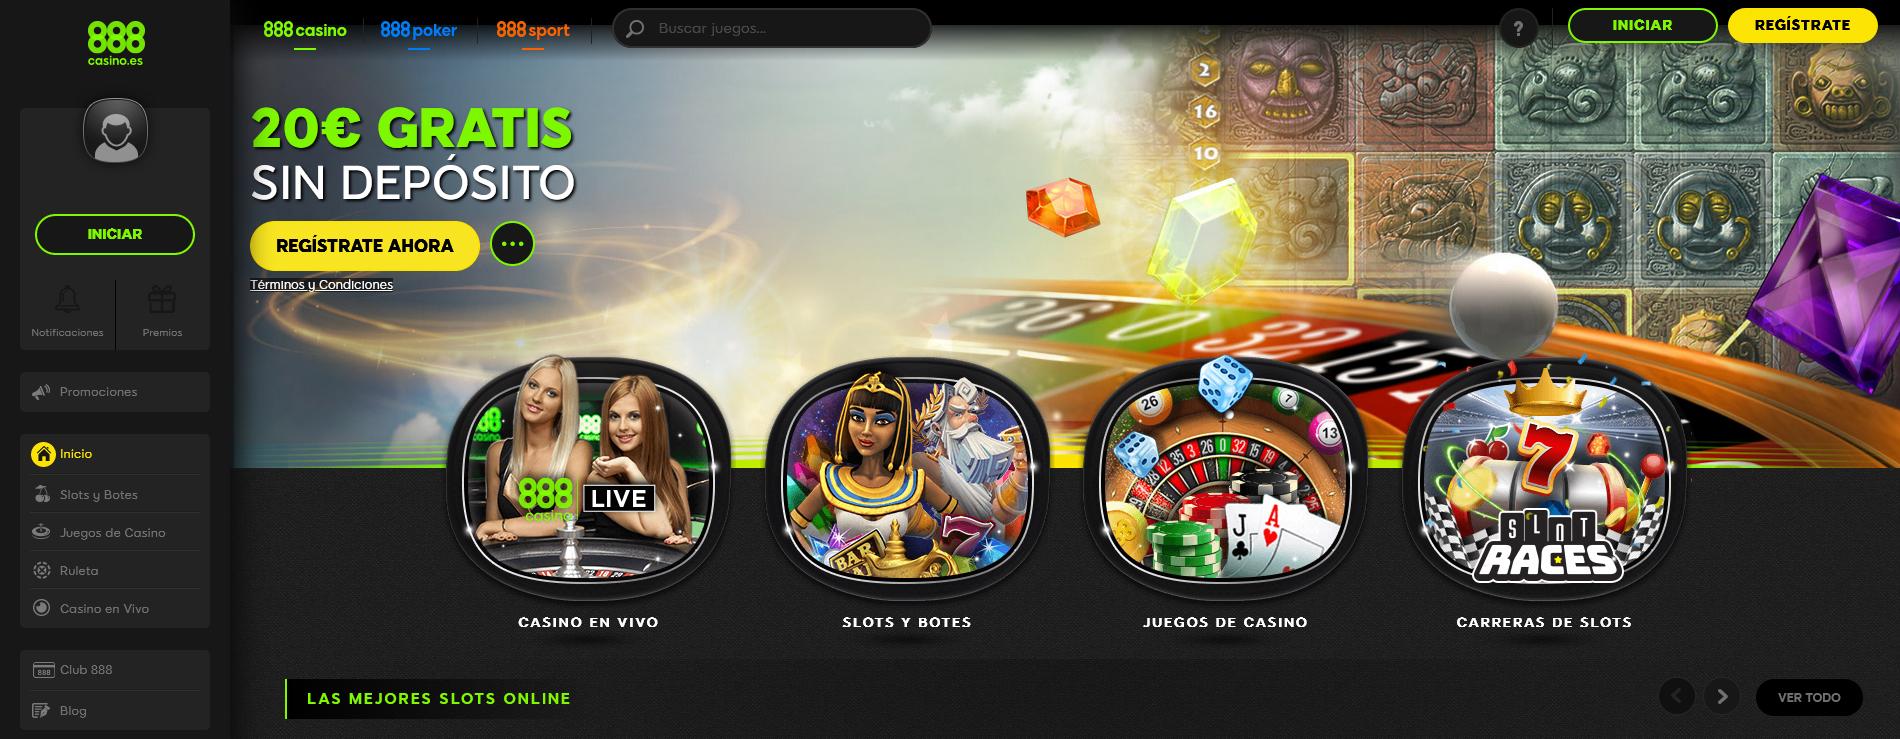 operadores de casino 888